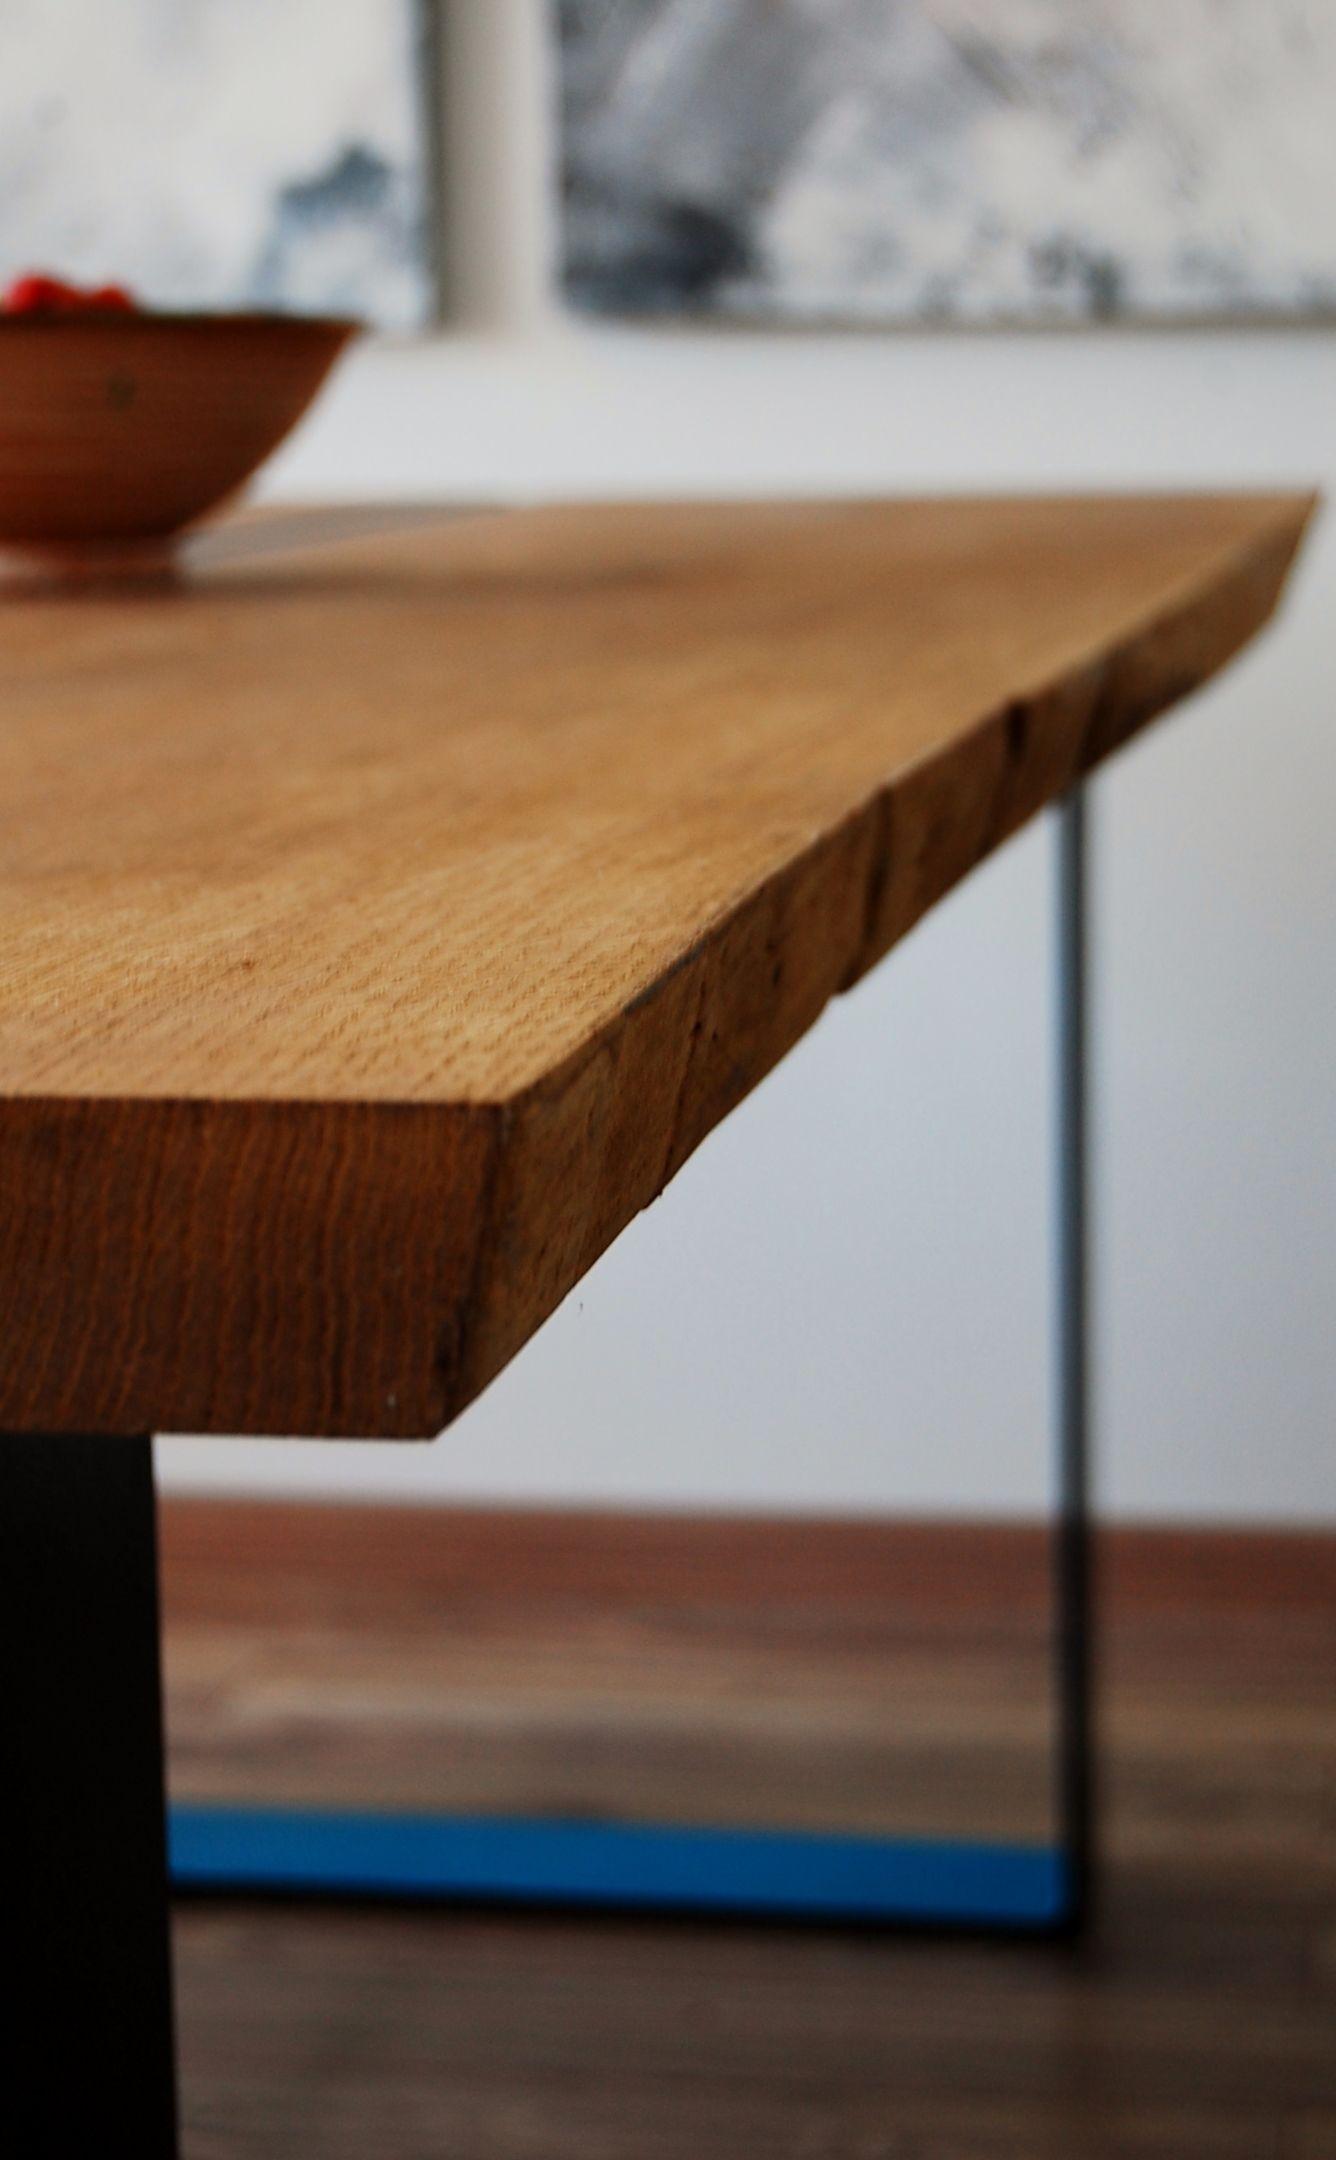 esstisch eiche mit baumkante ideen rund ums haus pinterest tisch esstisch und esstisch eiche. Black Bedroom Furniture Sets. Home Design Ideas